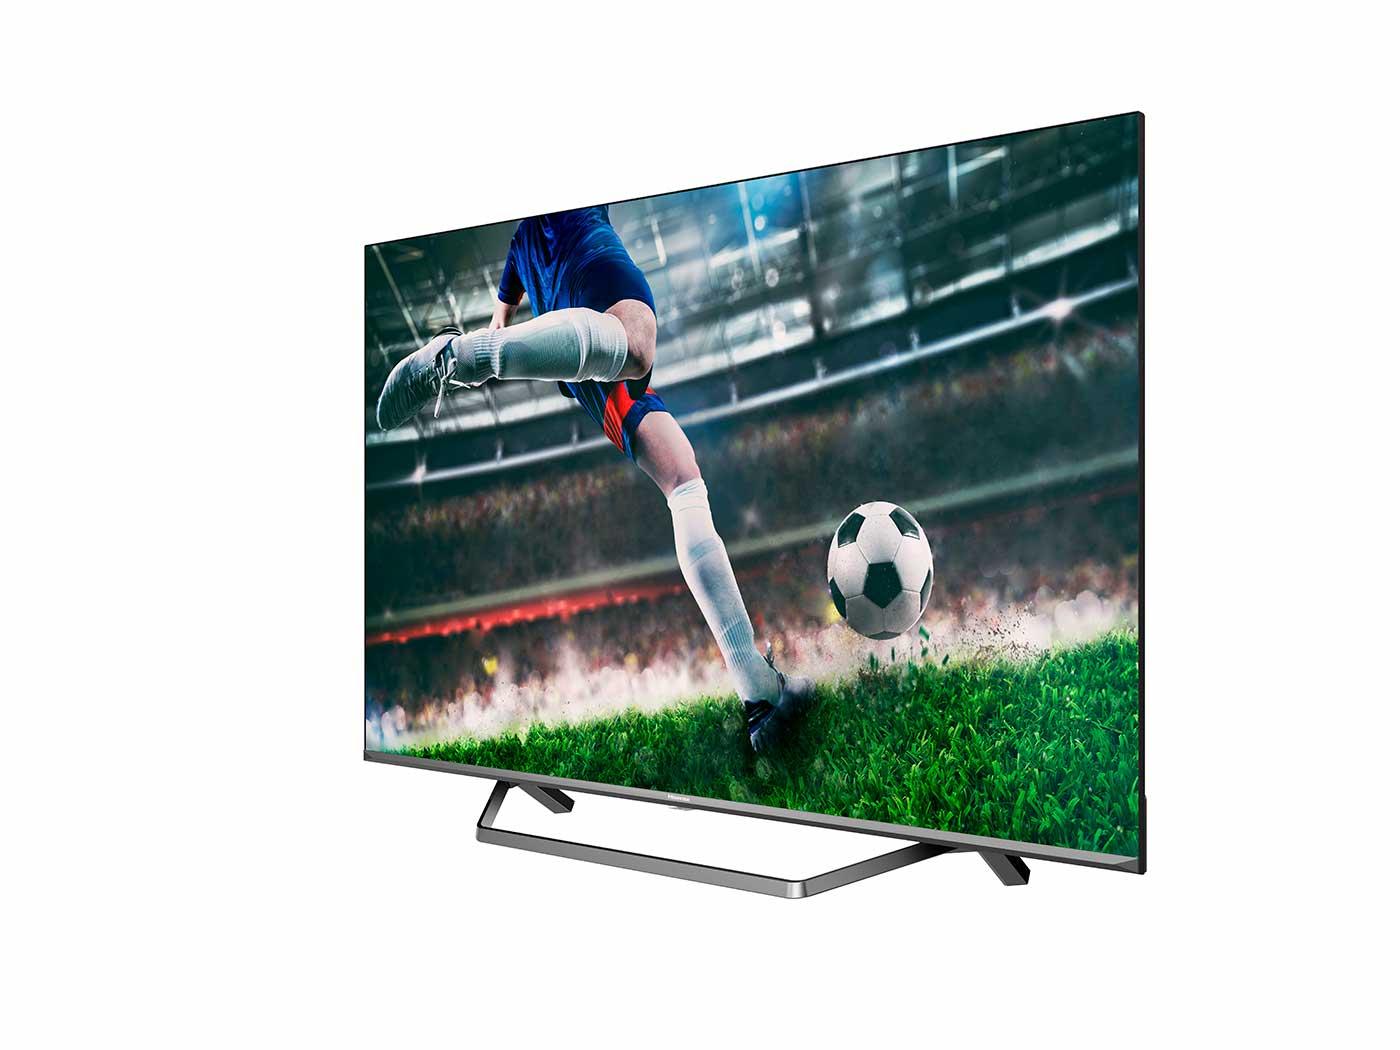 ULED TV ULED TV 65U7QF 65″